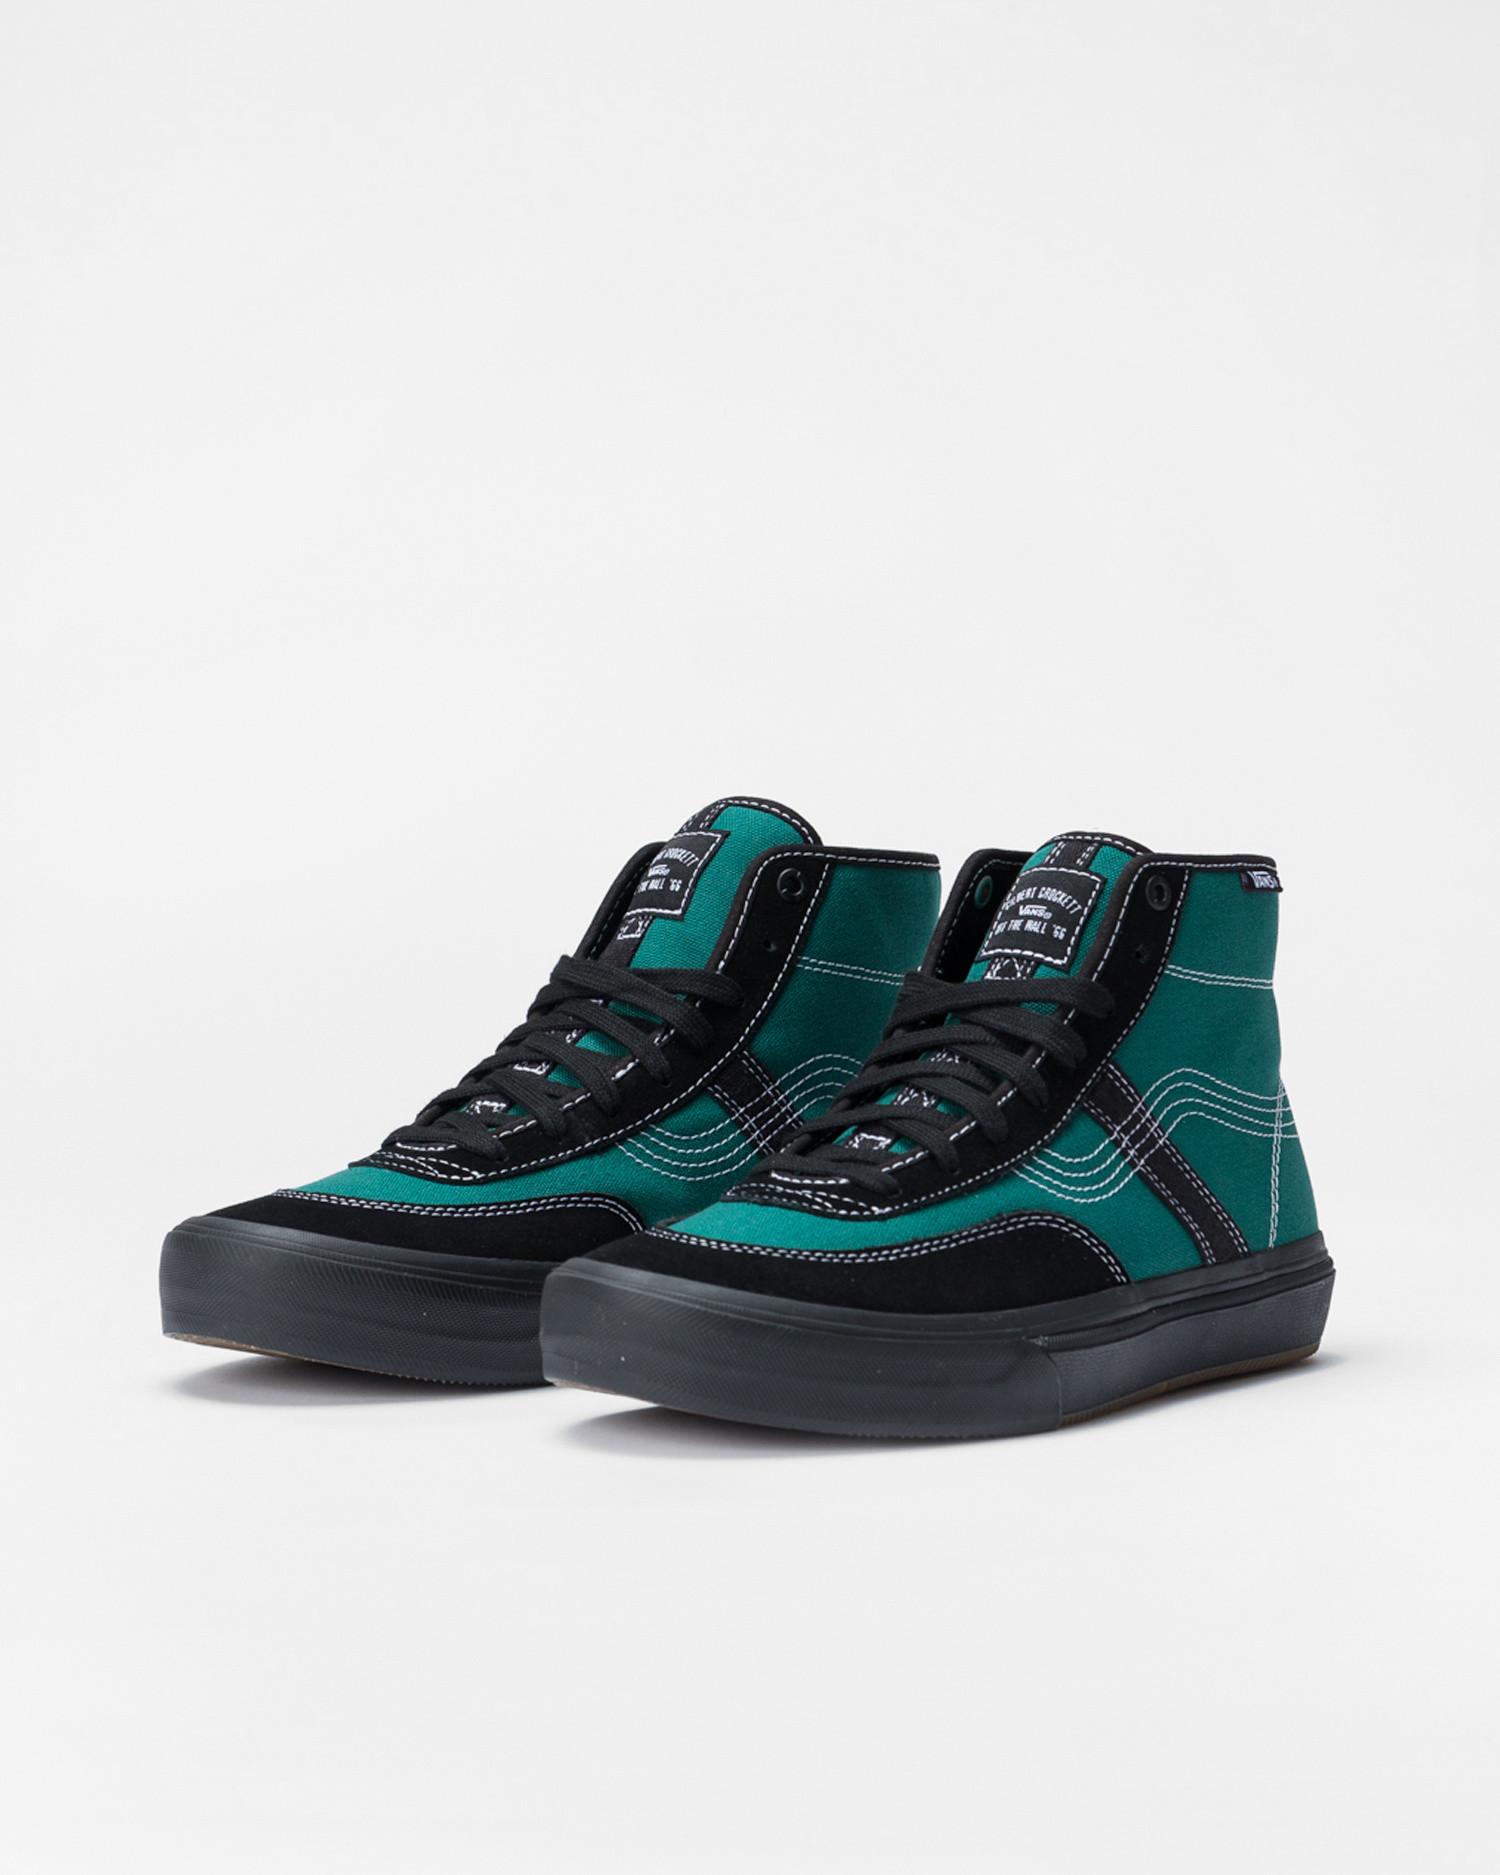 Vans X Quasi Crockett High Pro LTD Antique Green